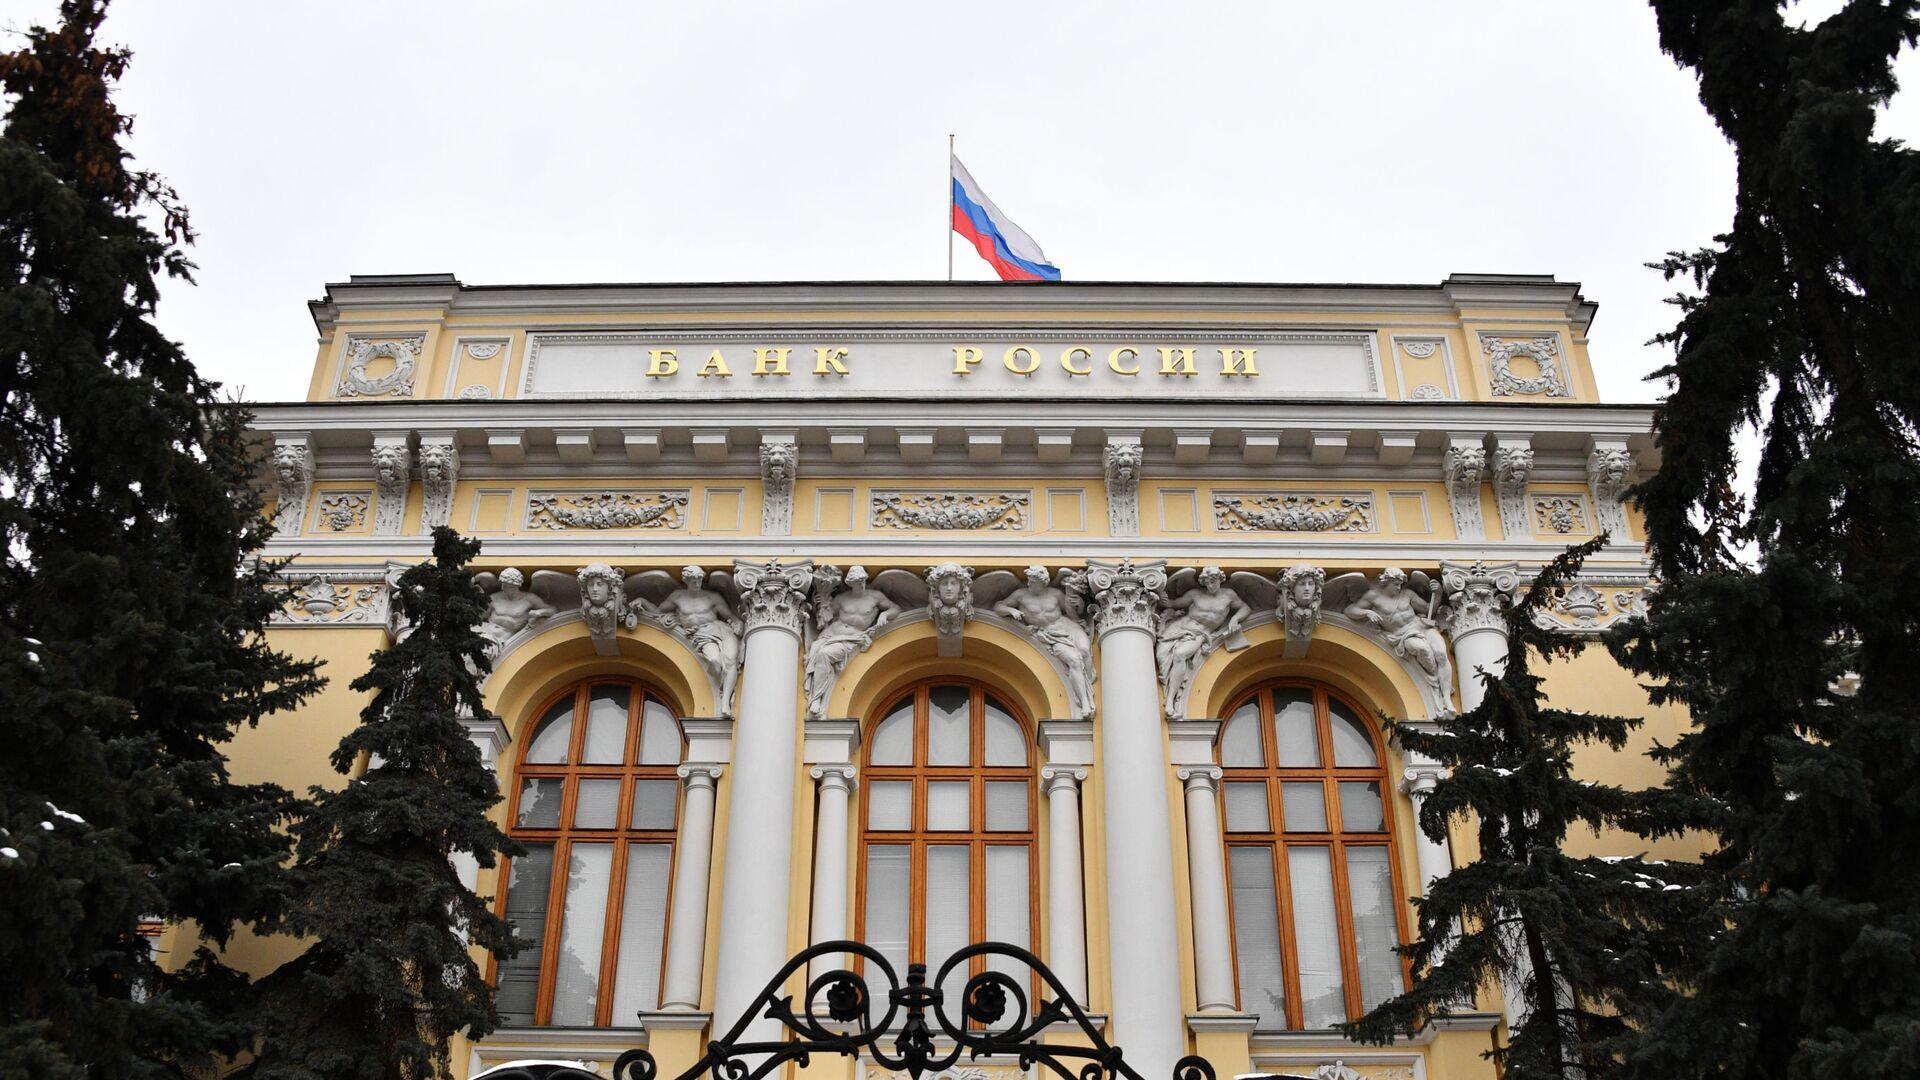 Здание Центрального банка России в Москве - РИА Новости, 1920, 12.07.2019